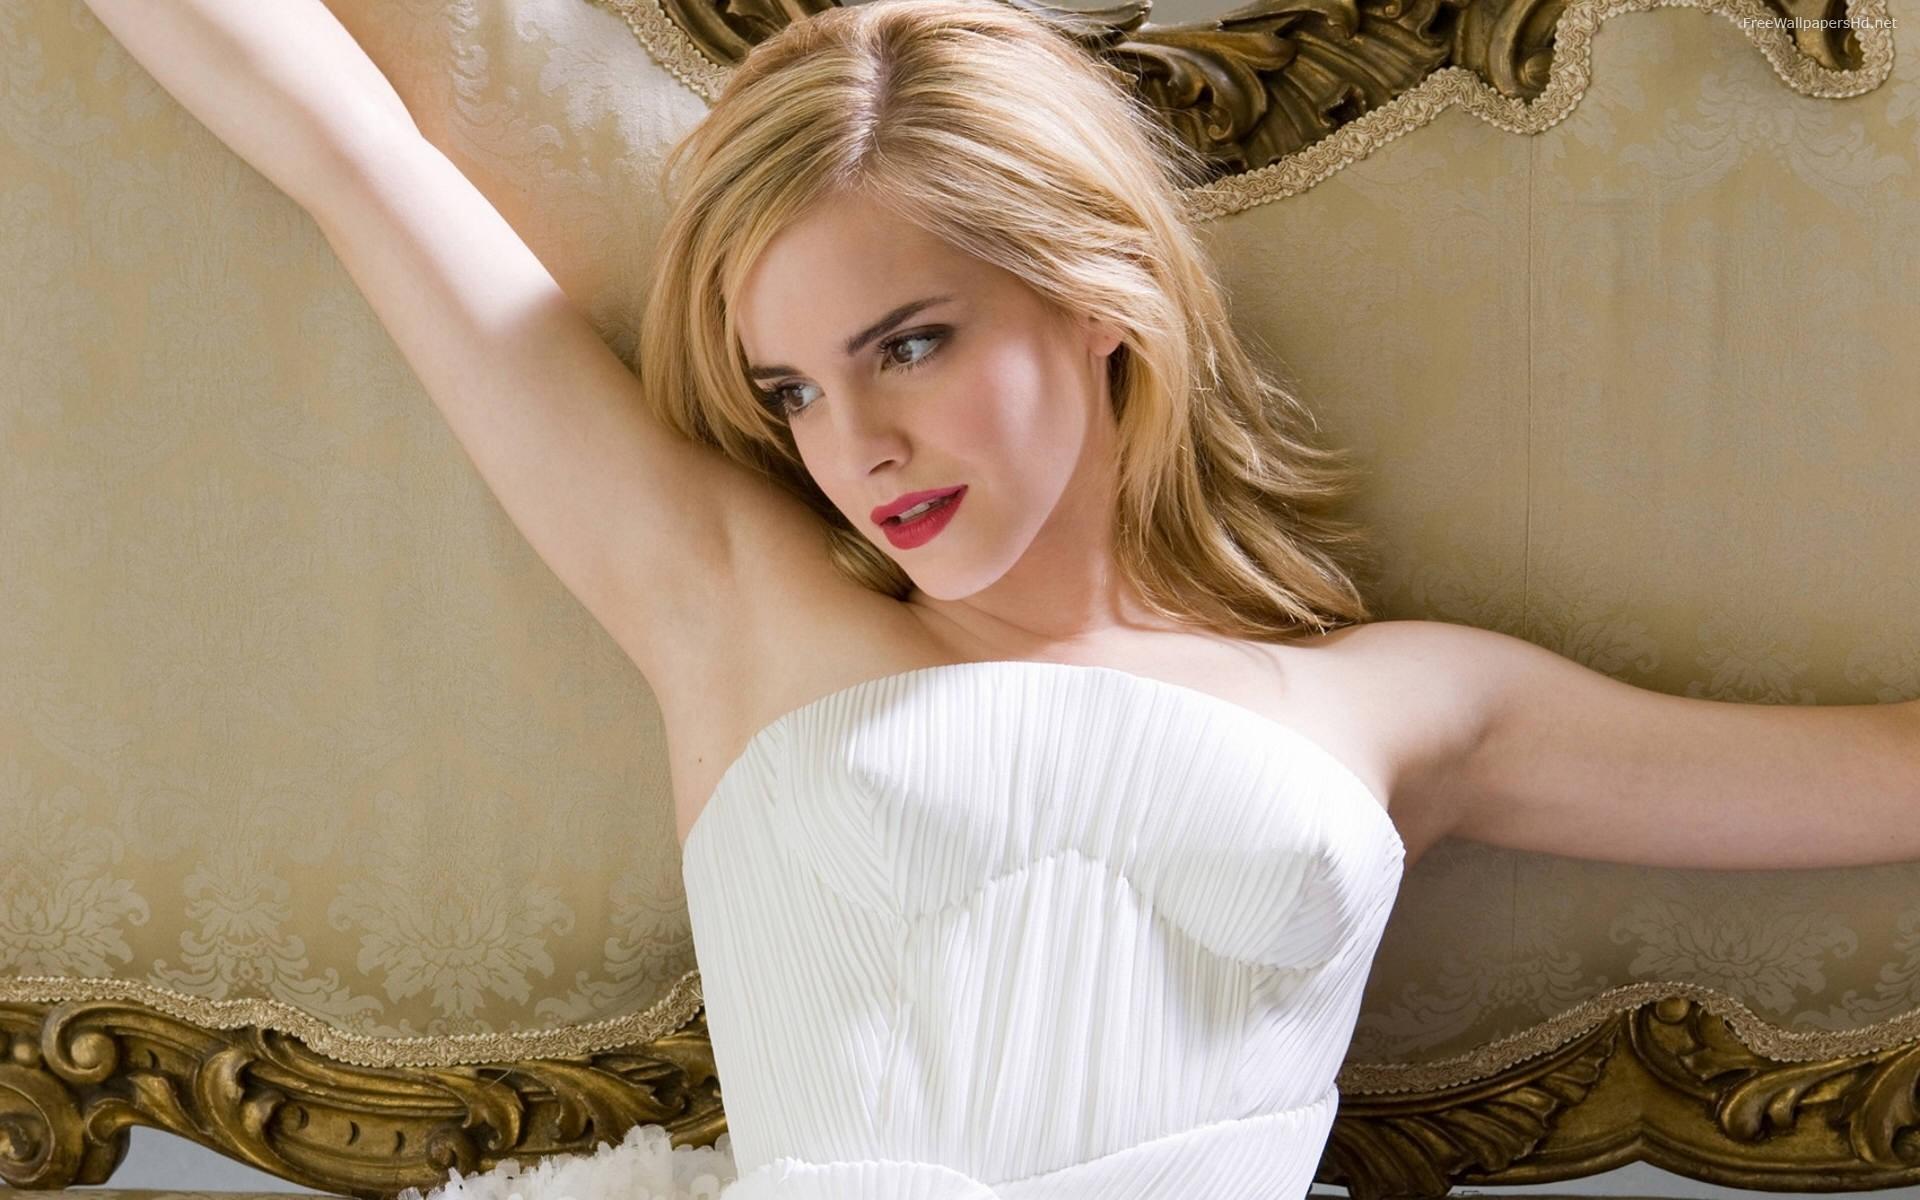 девушка книга природа блондинка белое платье  № 3832998 бесплатно